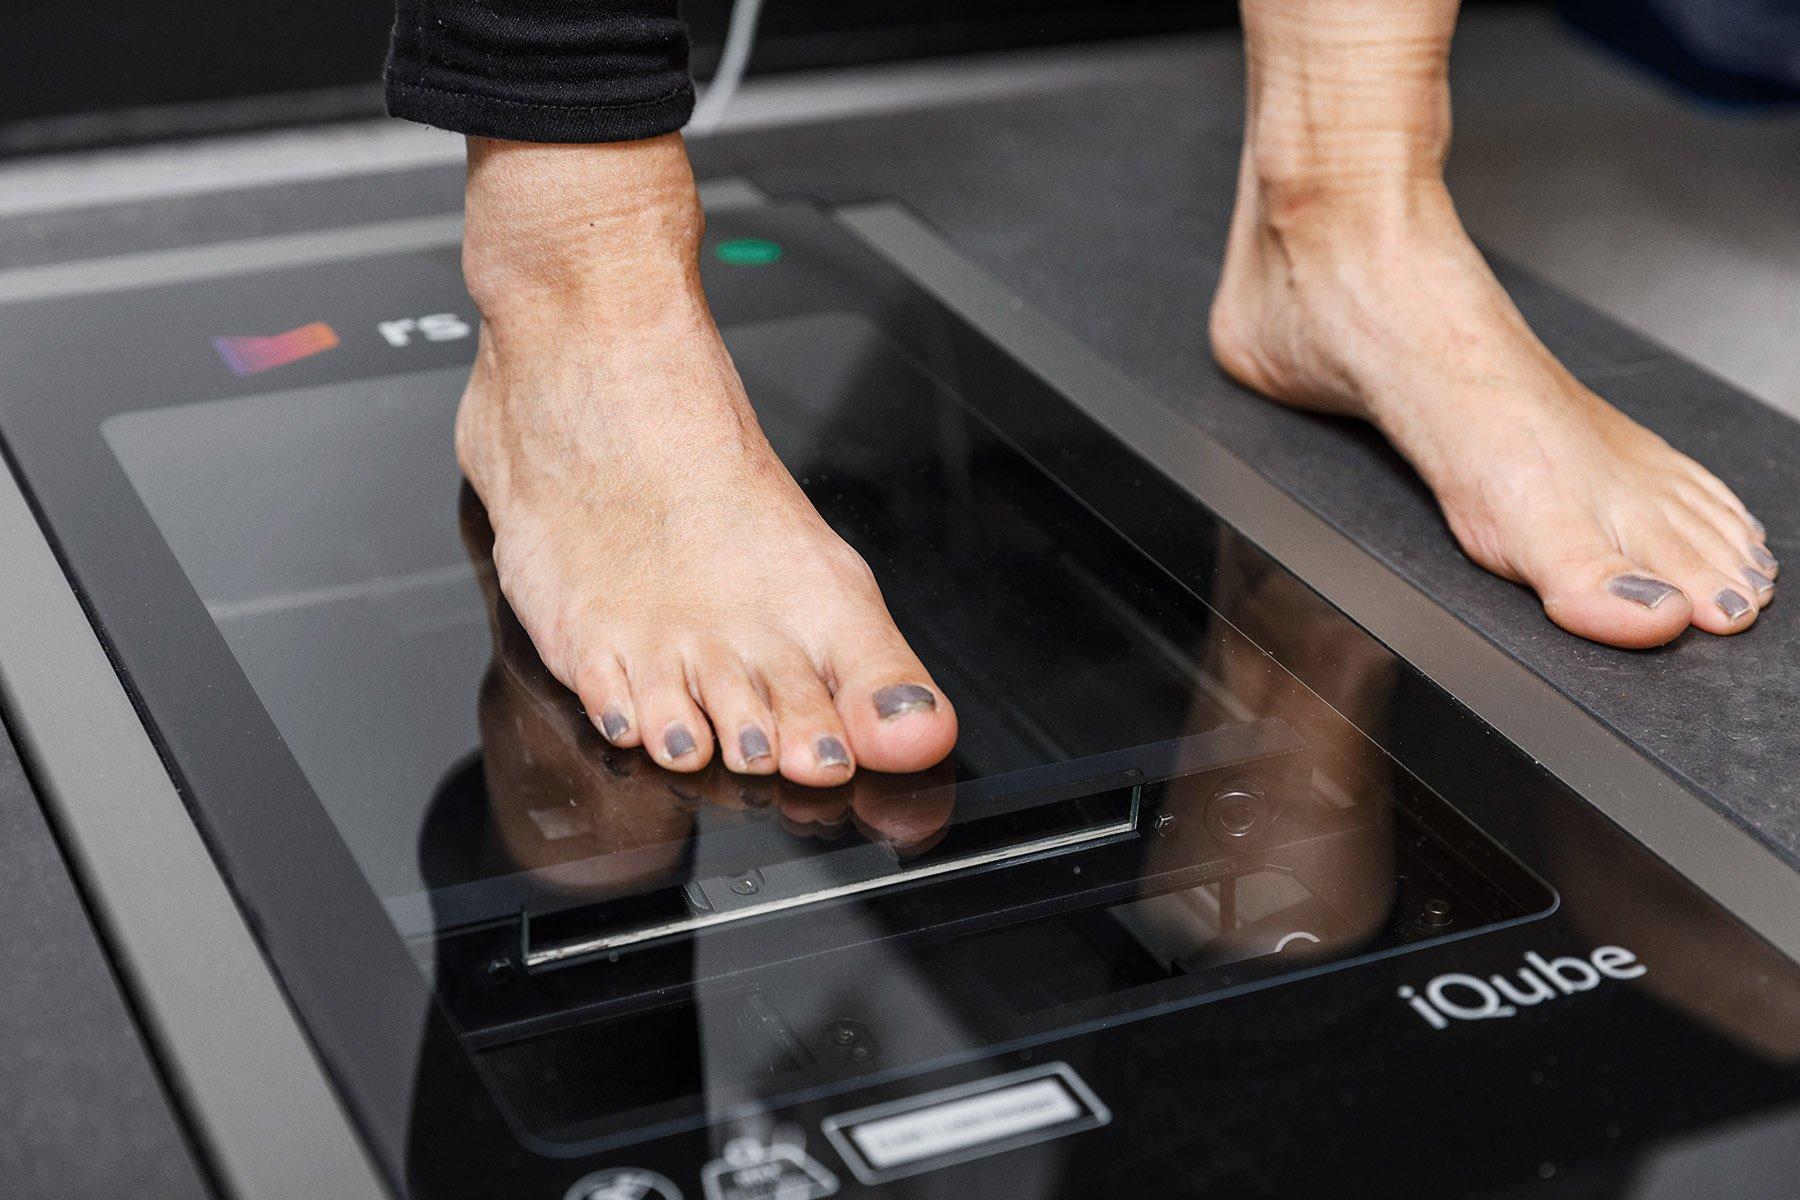 Scanning af fod